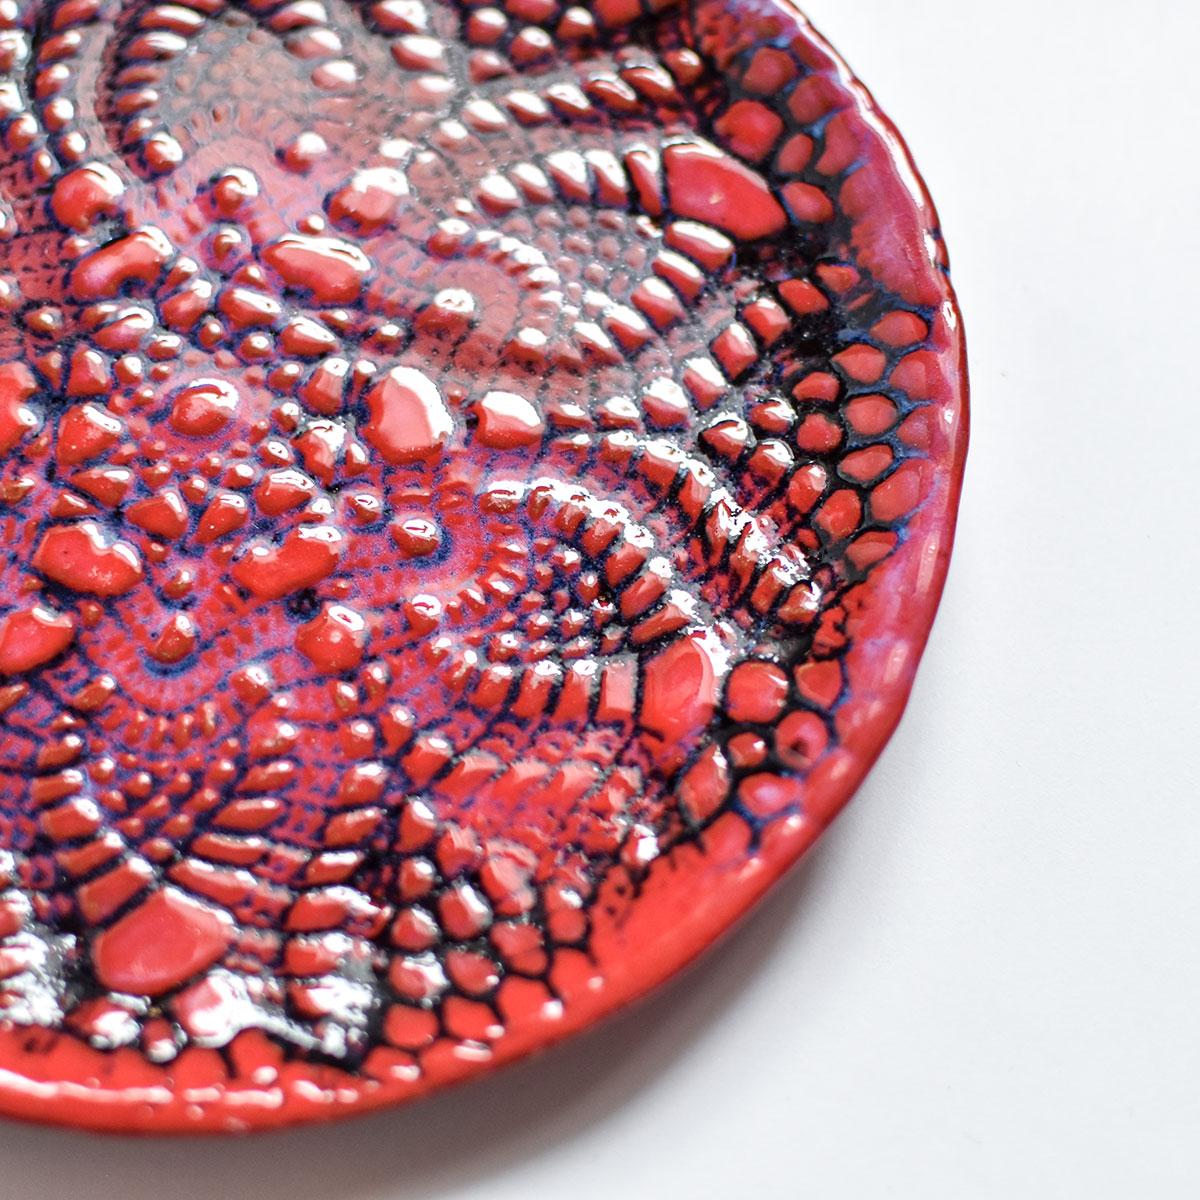 """картинка Кружевное блюдце ручной работы """"Огонь"""" 4 - DishWishes.Ru"""